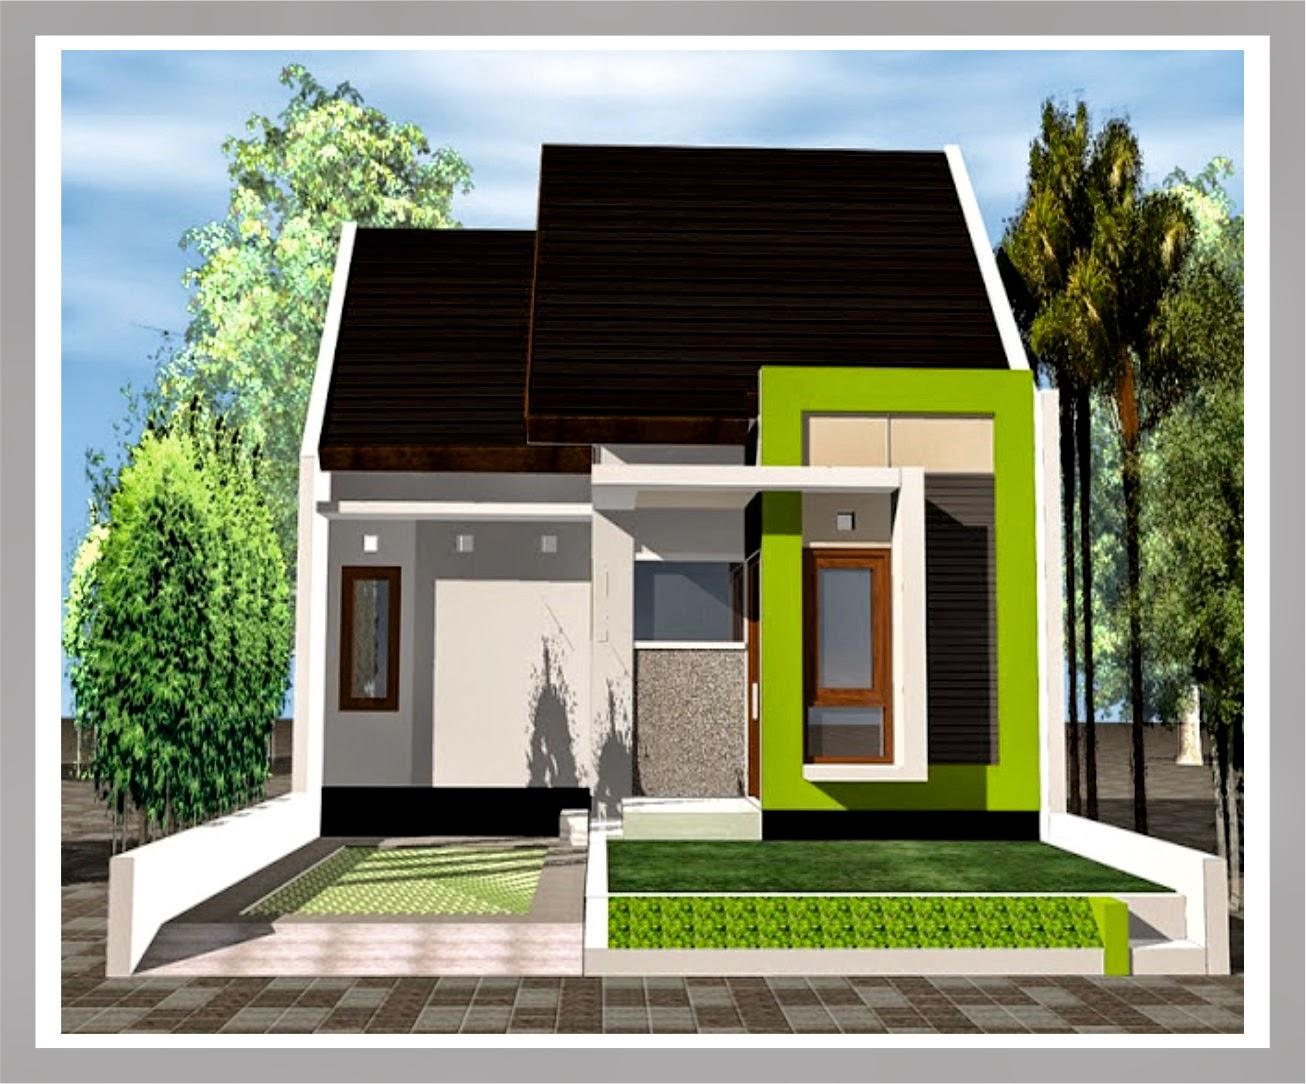 62 Desain Rumah Minimalis Warna Putih Desain Rumah